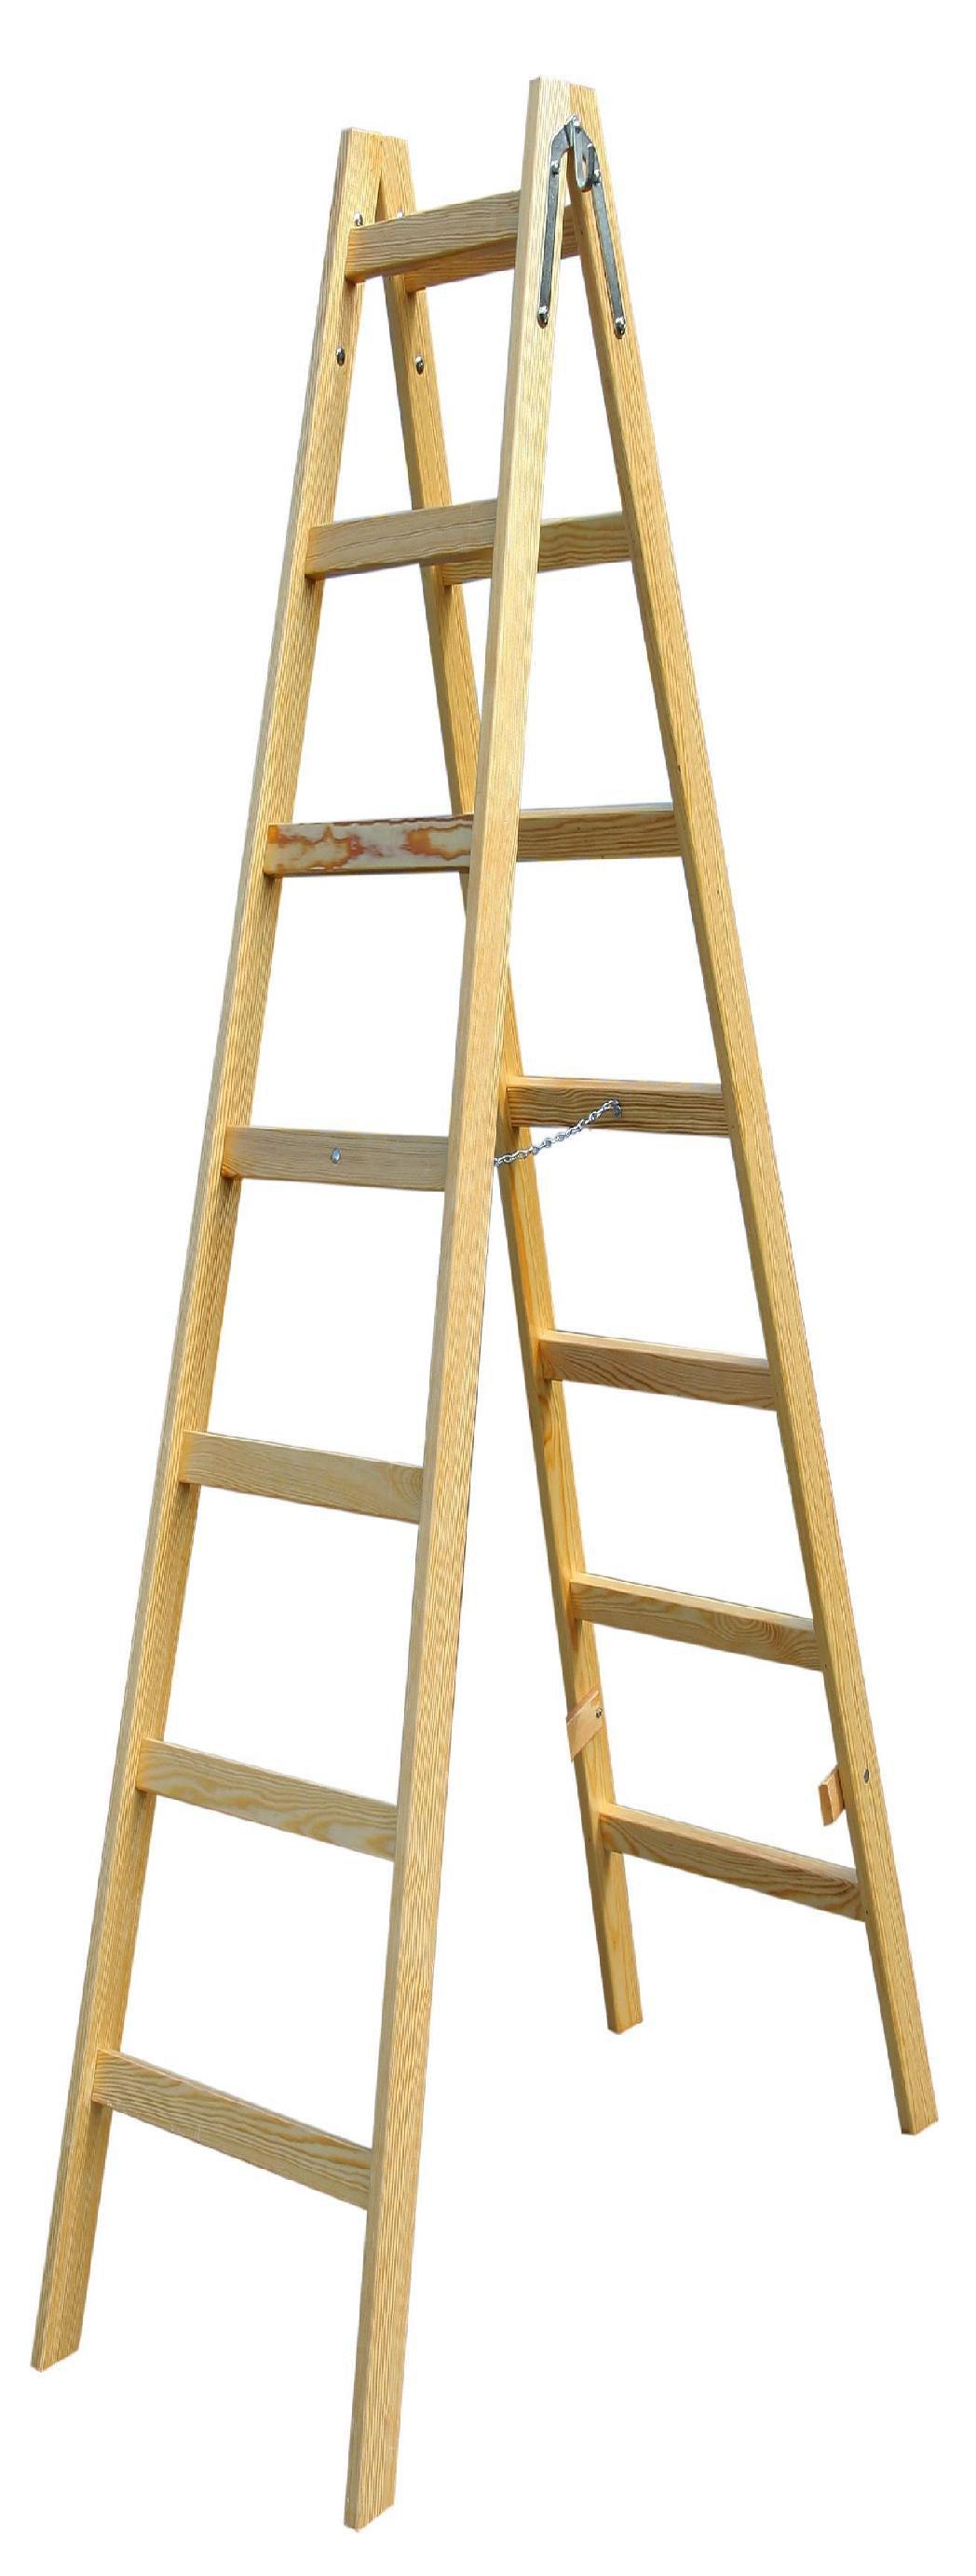 Escaleras de madera para pintor escalera de maderas para for Escaleras de madera para pintor precios